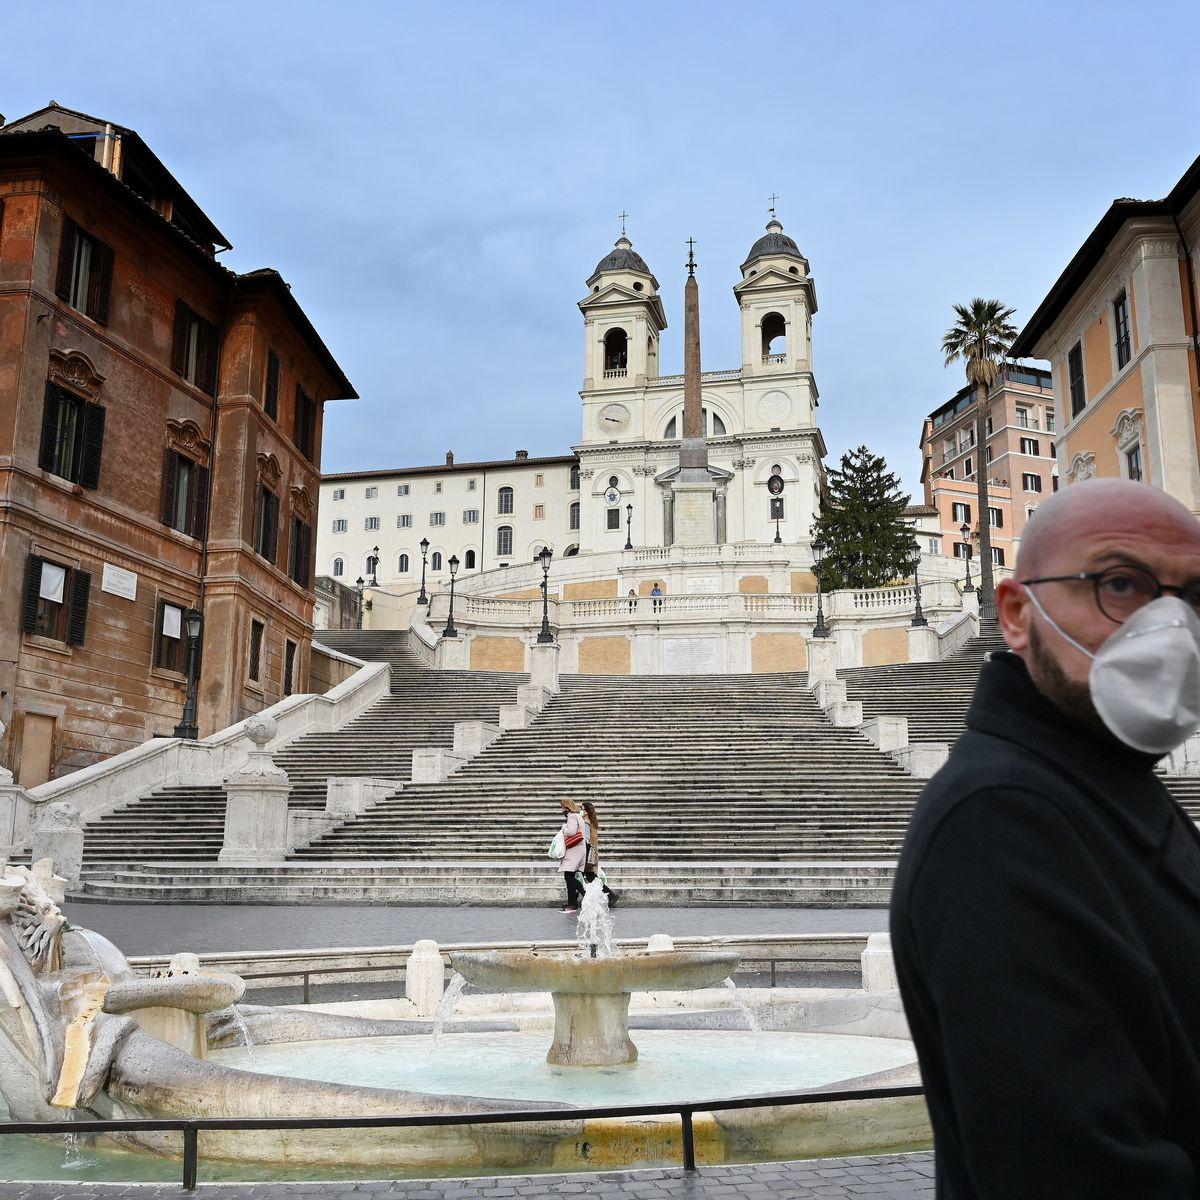 Epidemie De Coronavirus Confinement Fermeture Des Frontieres Etat D Urgence Quelles Sont Les Principales Mesures Prises Par Les Pays Europeens